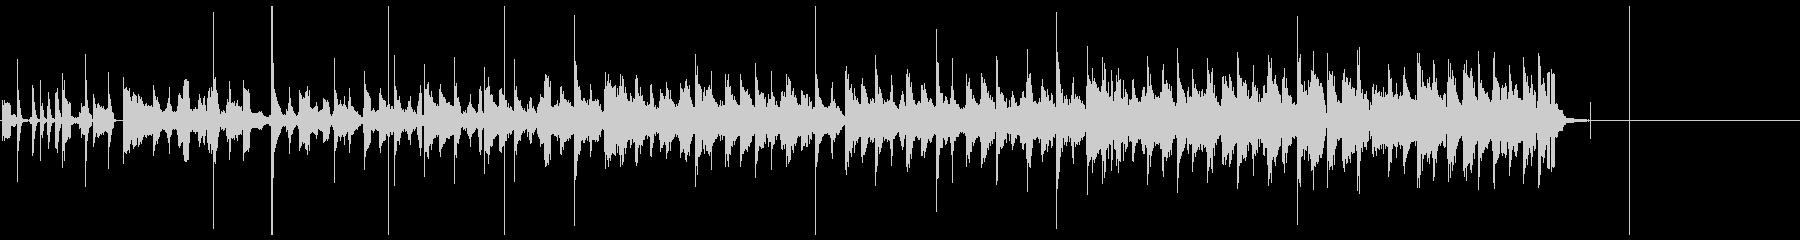 オーケストラ効果のあるヒップホップ...の未再生の波形